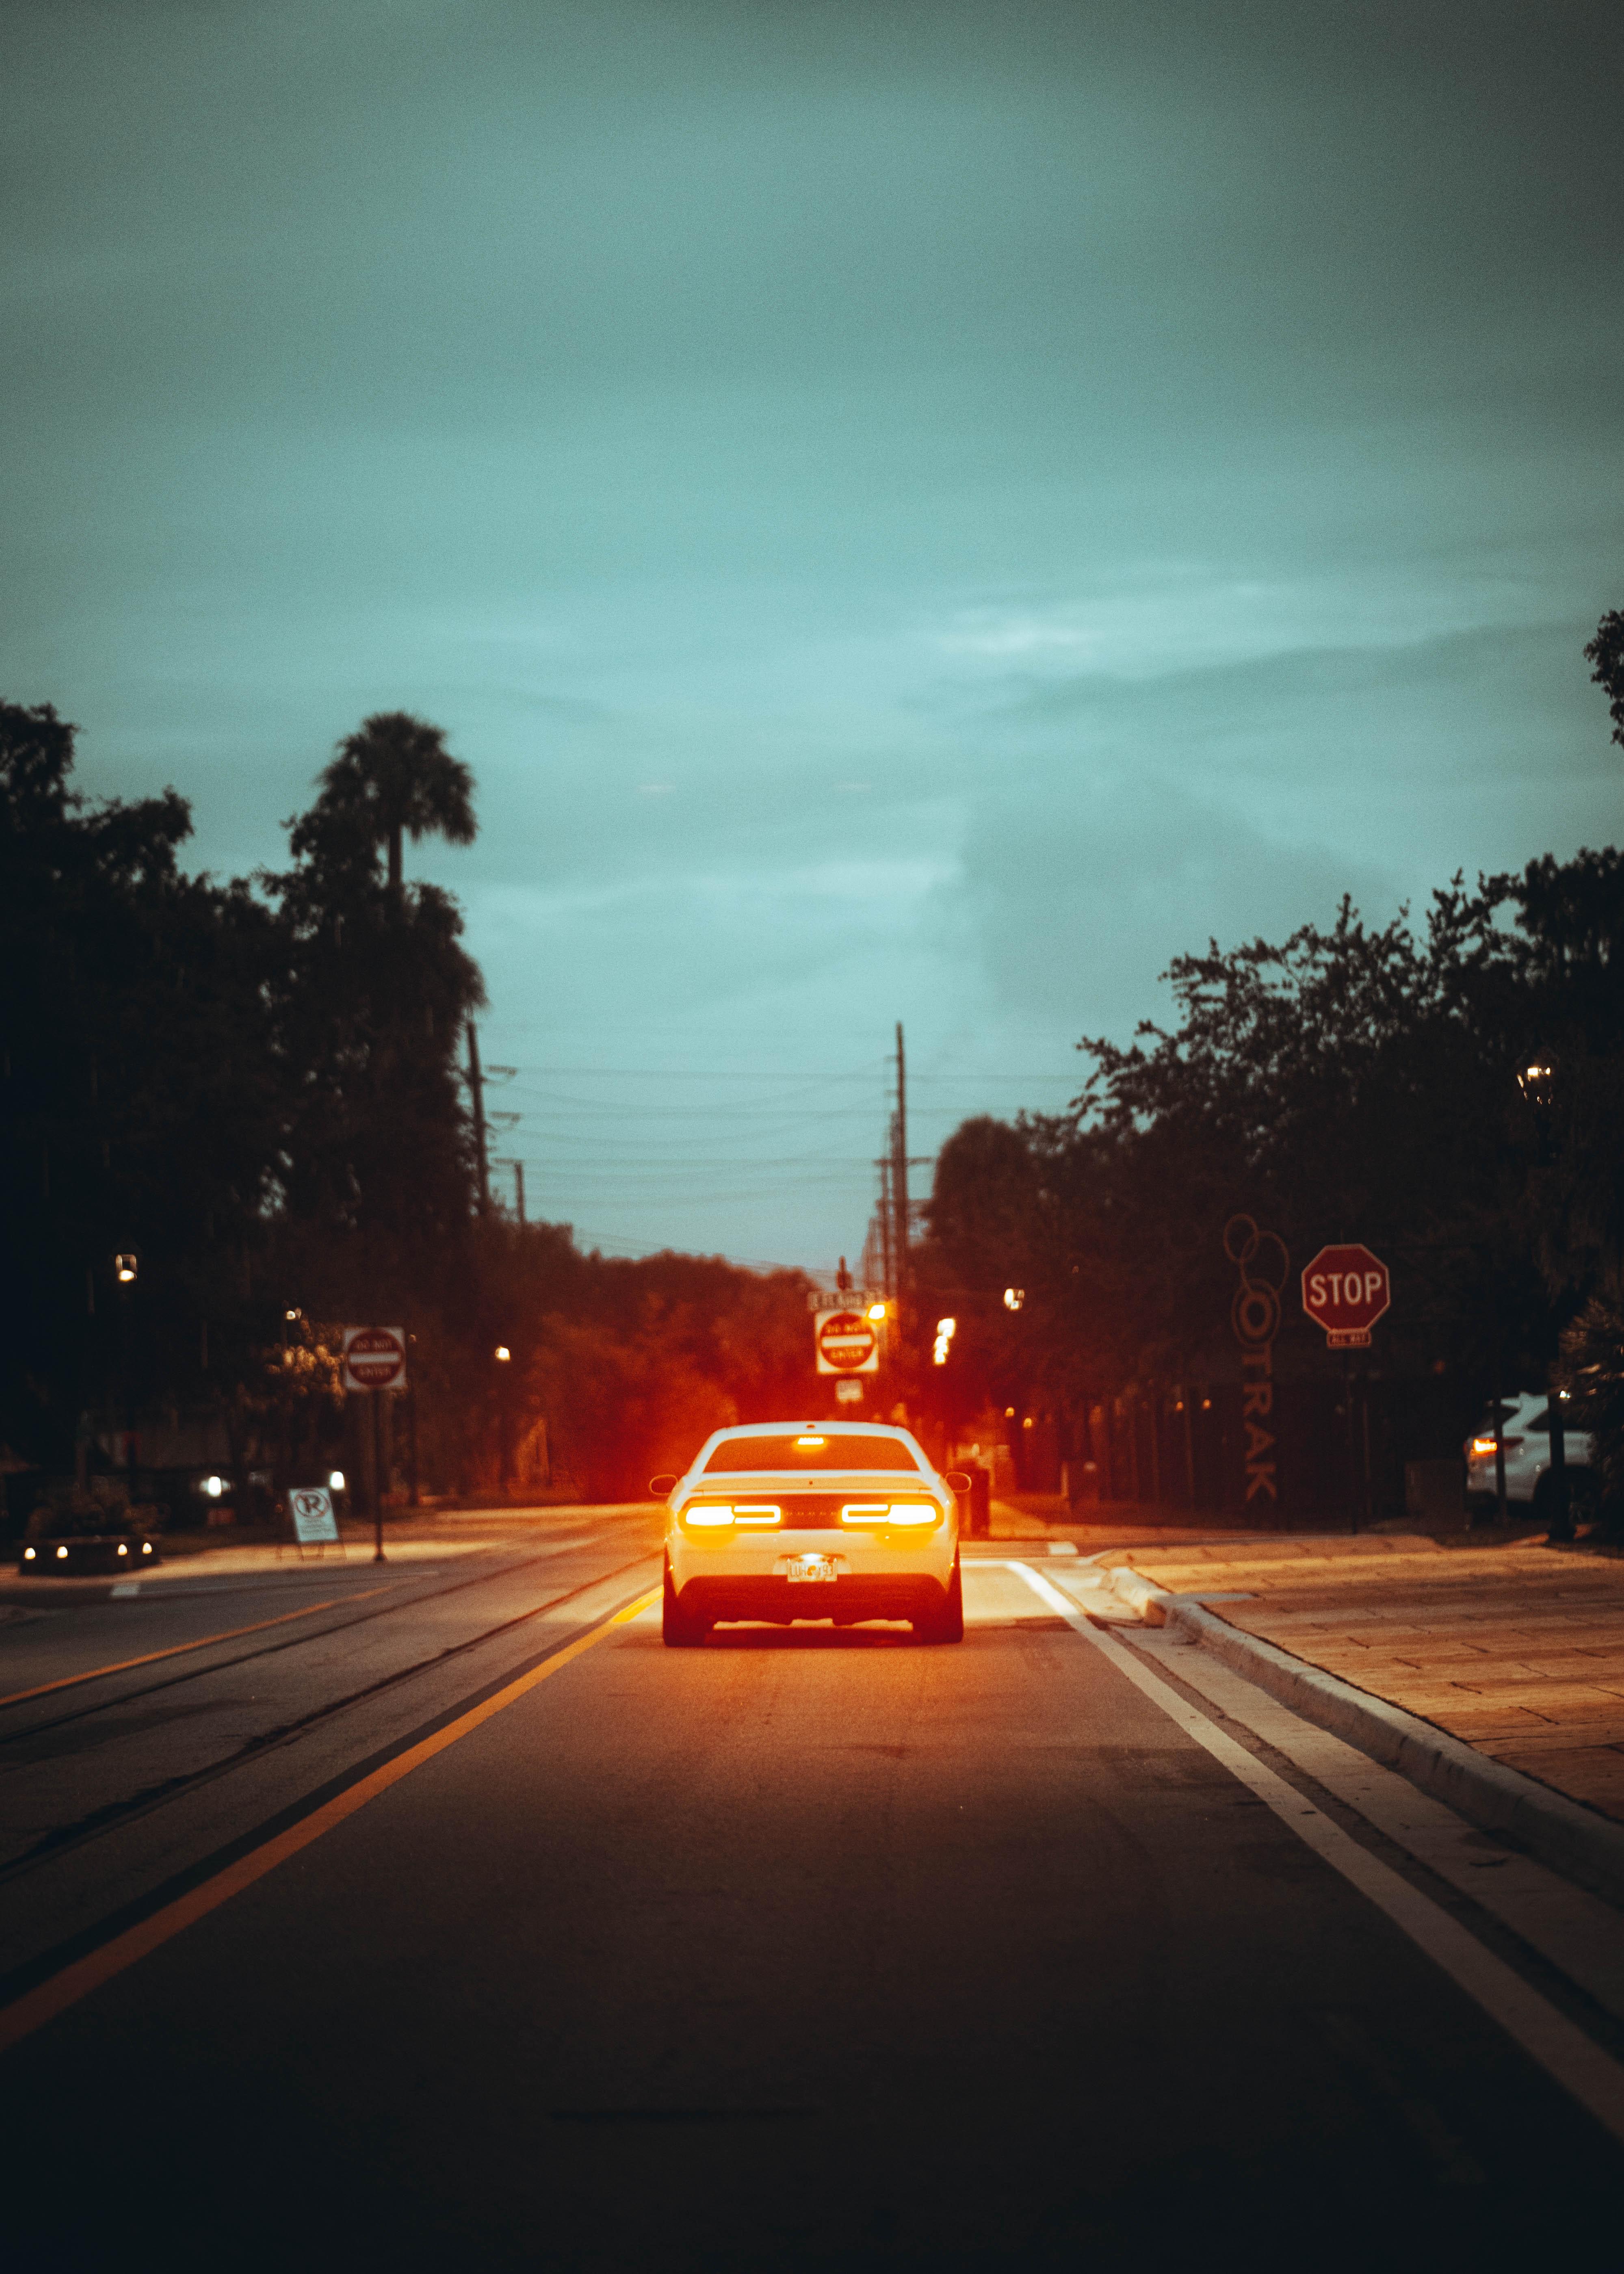 72042 Заставки и Обои Автомобиль на телефон. Скачать Автомобиль, Тачки (Cars), Свет, Дорога, Сумерки, Улица картинки бесплатно